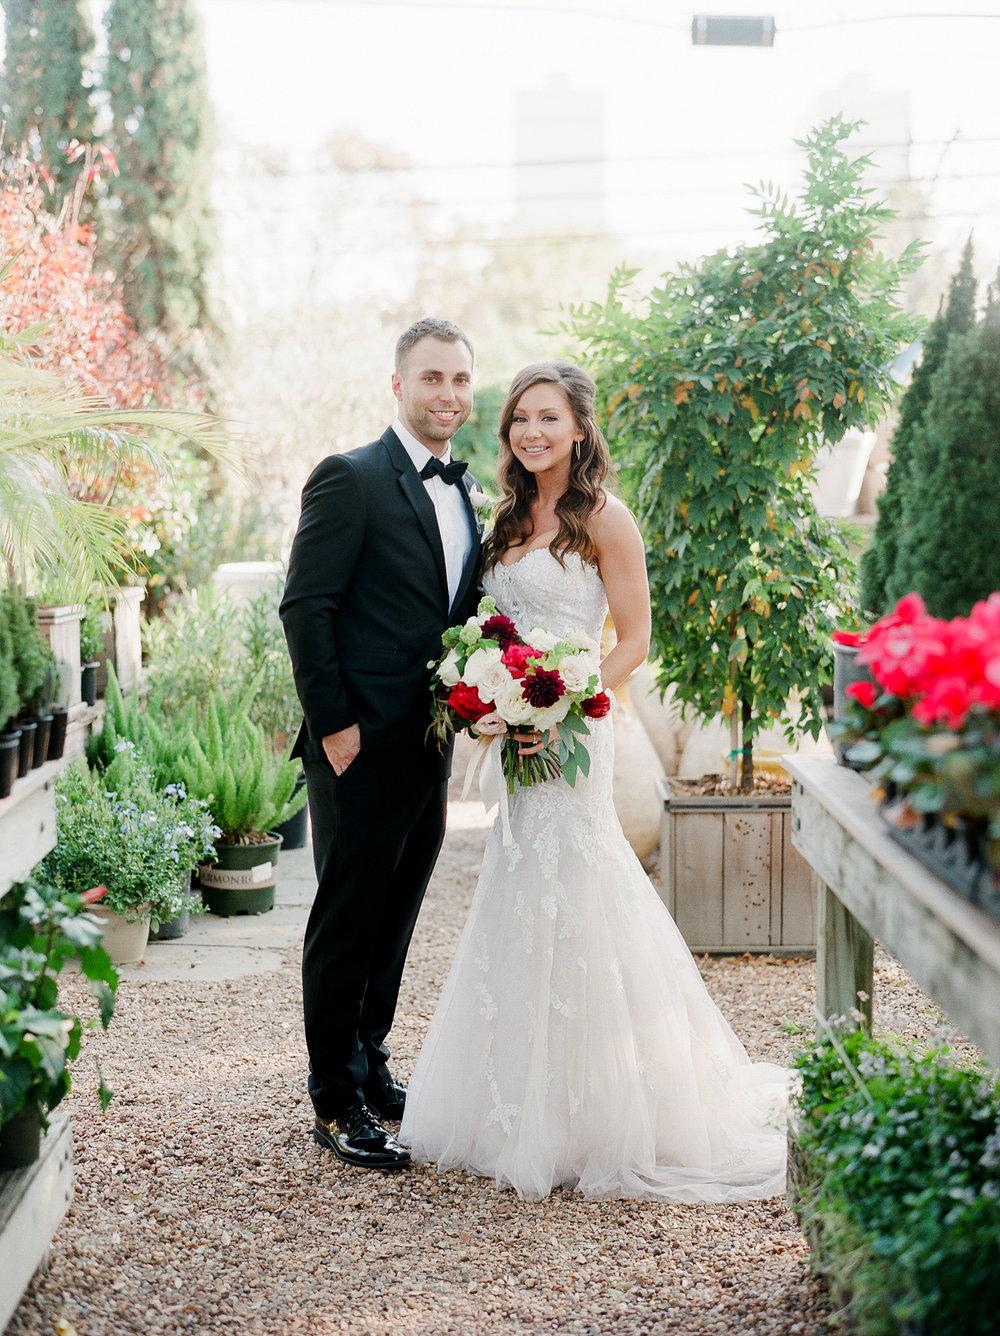 0022_Tiny_Boxwoods_Wedding_Houston_Photographer.jpg